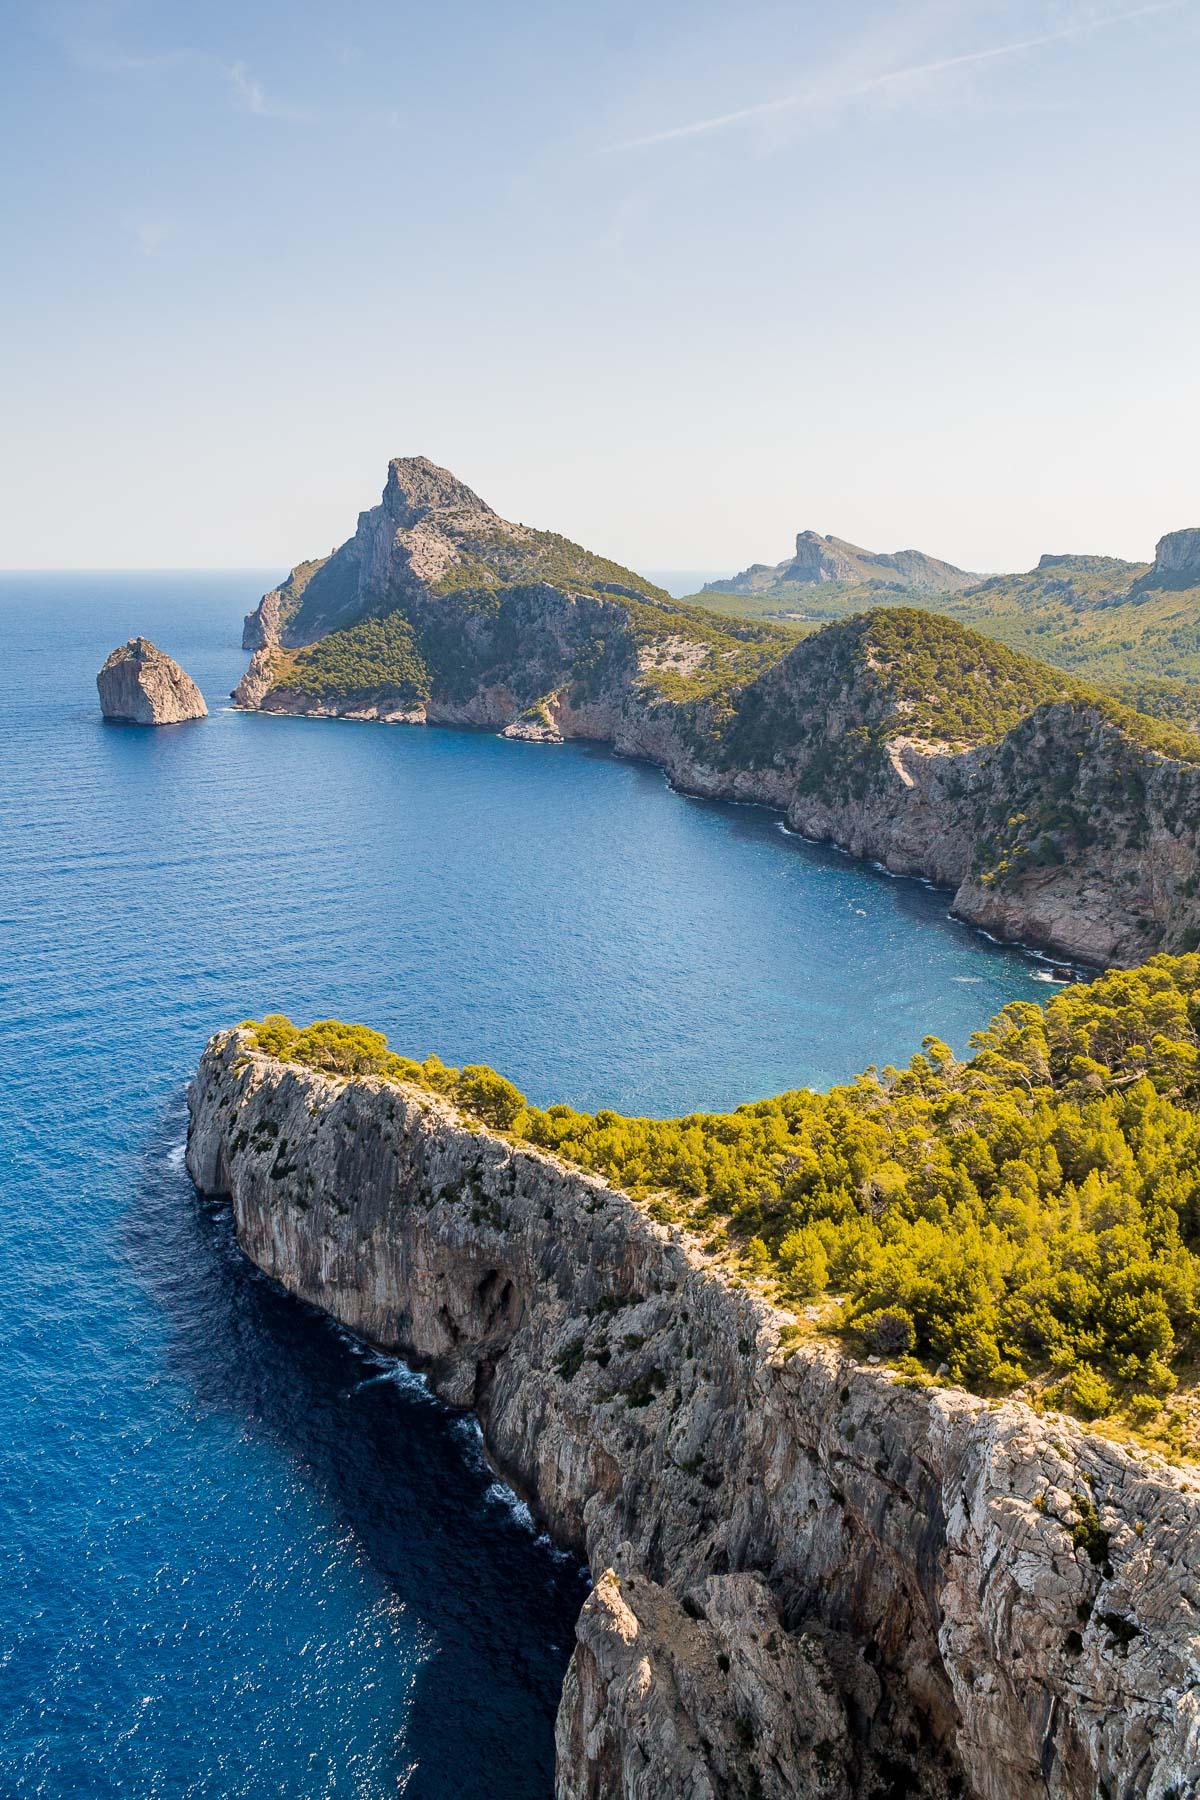 Mirador Es Colomer Viewpoint in Mallorca